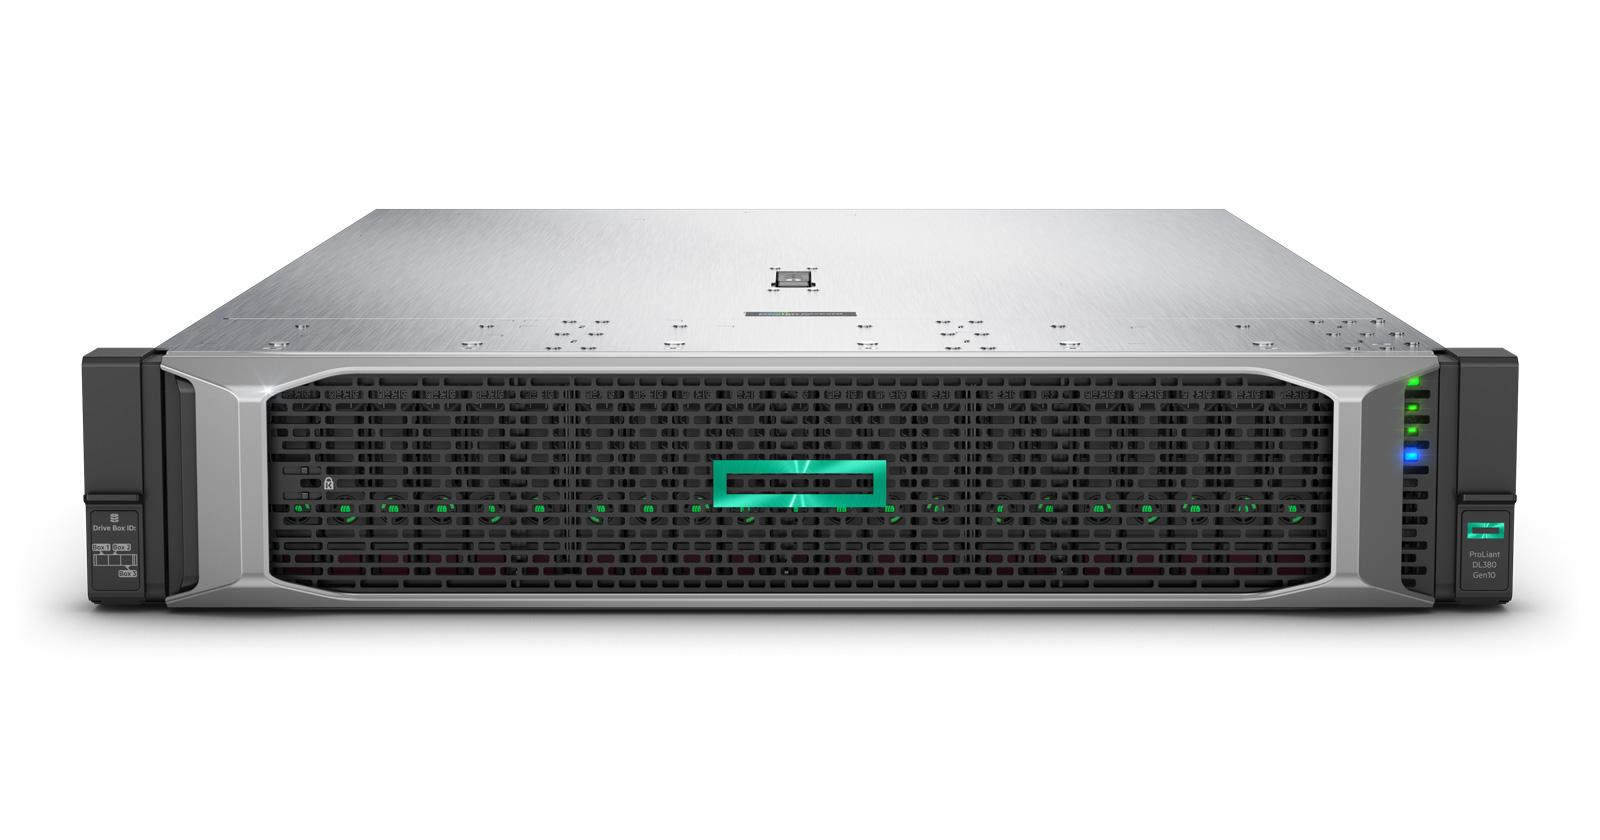 HP DL380 Gen10